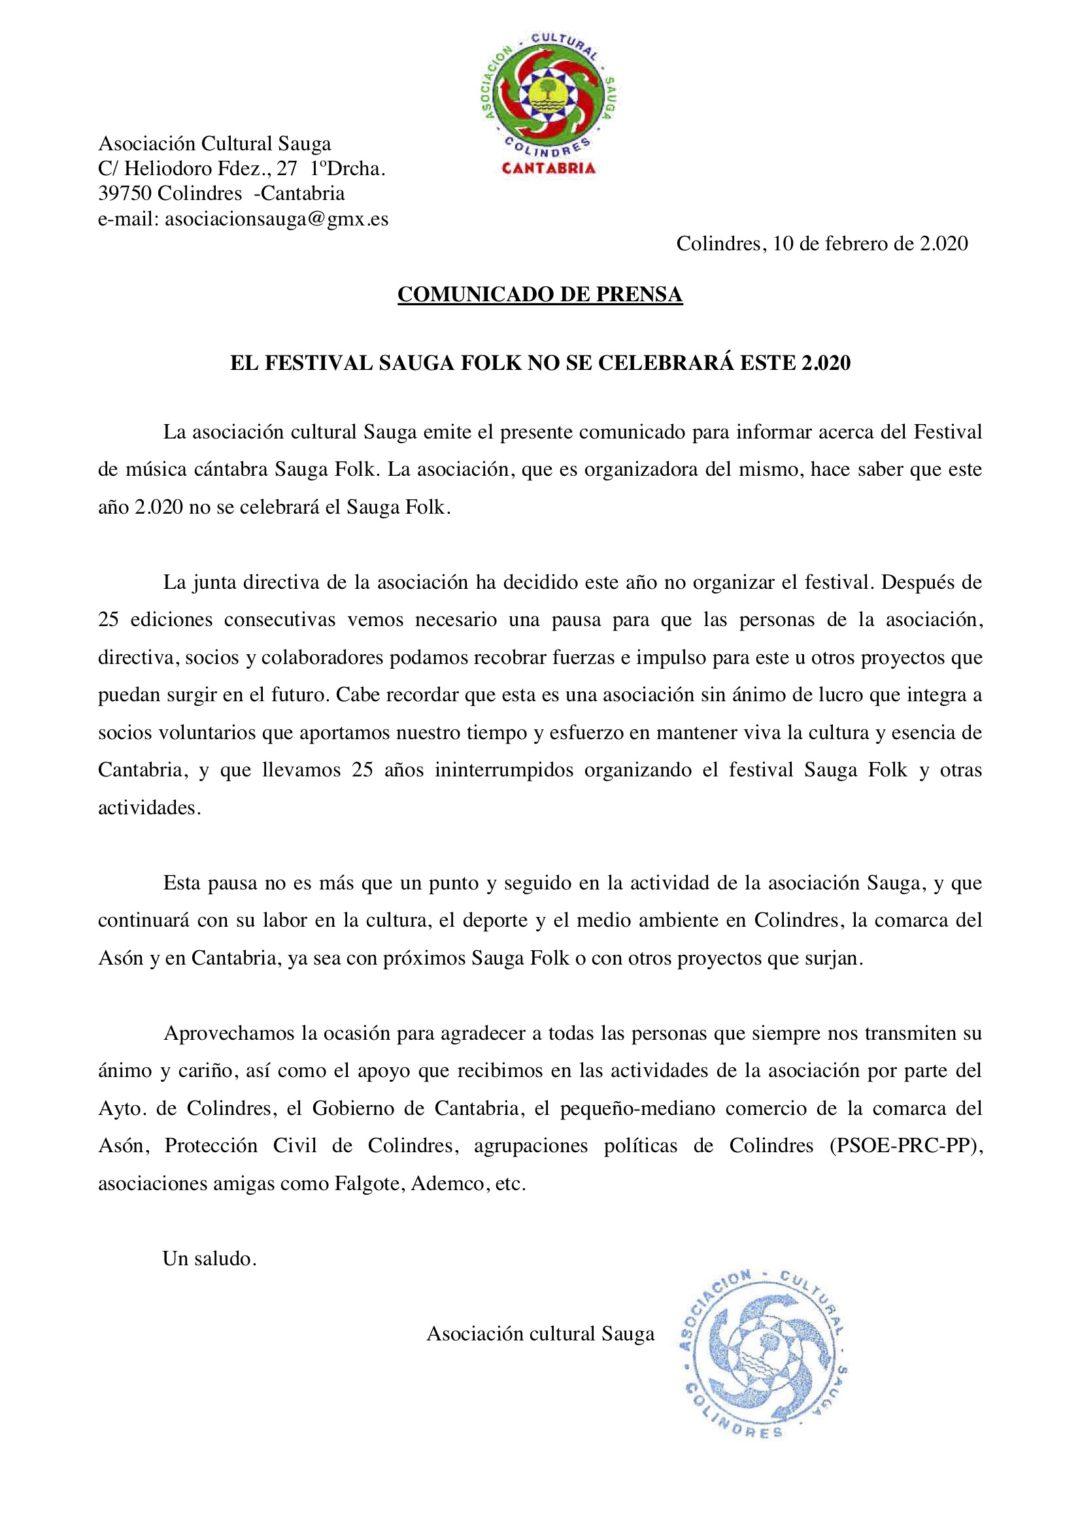 EL AYUNTAMIENTO DE COLINDRES MUESTRA SU APOYO Y AGRADECIMIENTO A SAUGA